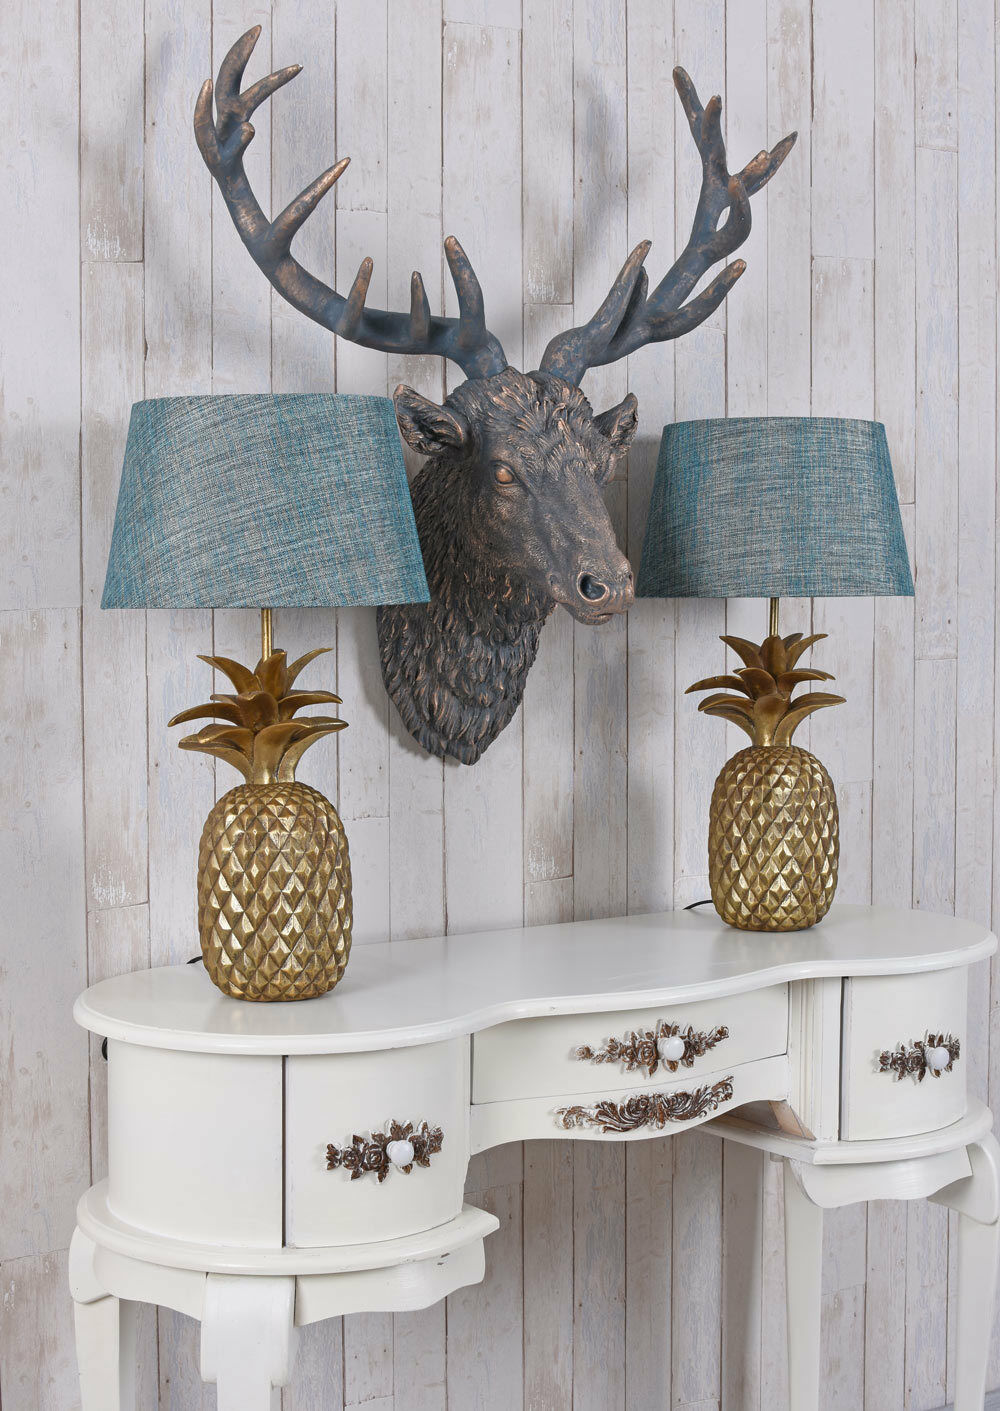 Tischlampe Gold Ananas Ananas Ananas Lampe Tischleuchte Pineapple Nachttischlampe Leselampe | Ich kann es nicht ablegen  9bff07